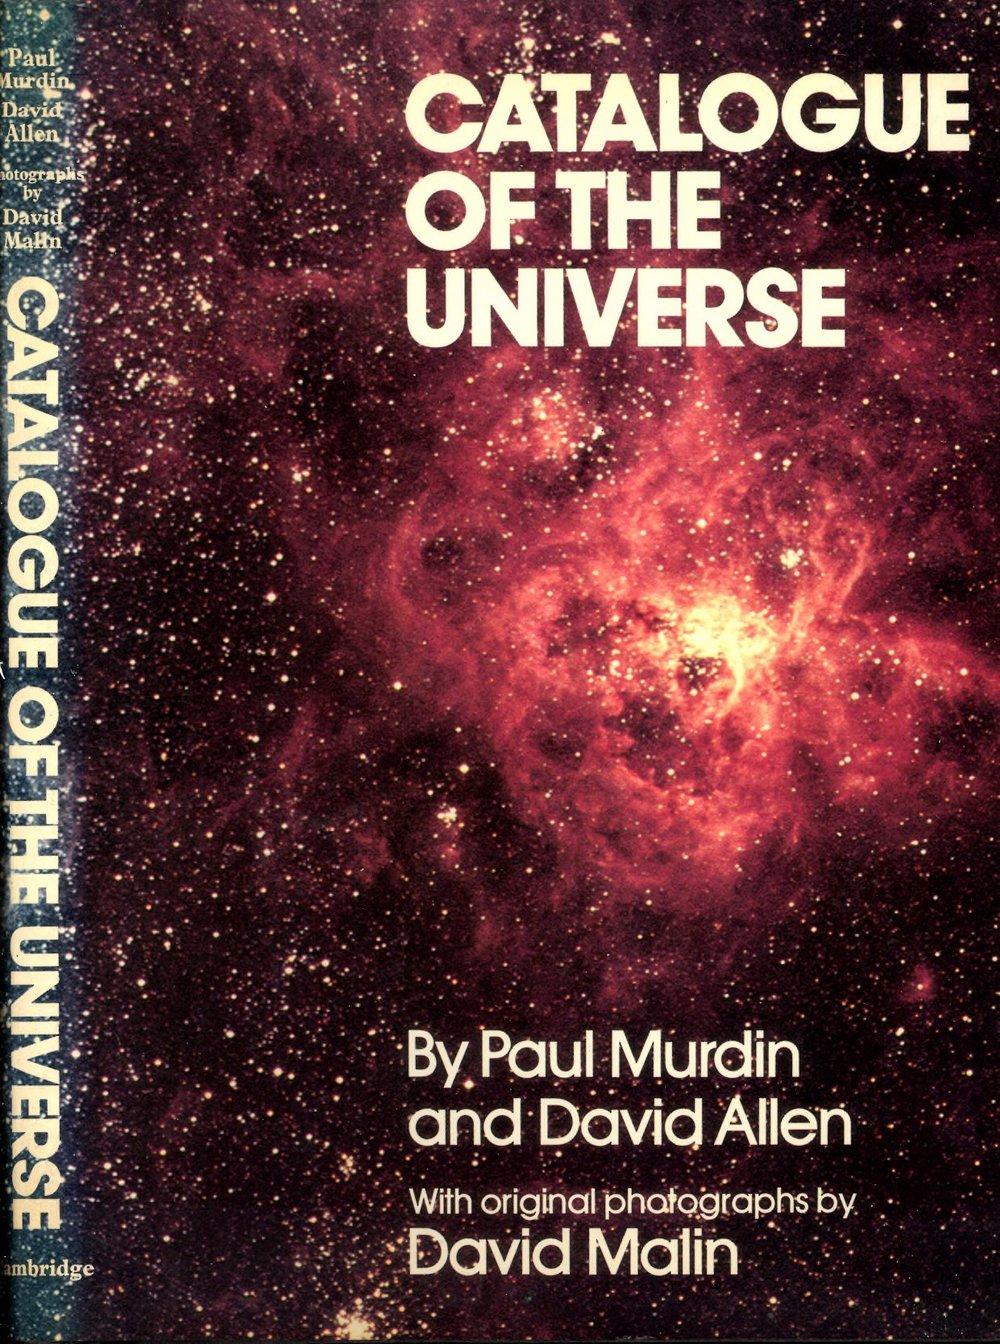 MurdinAllen-CatalogueOfTheUniverse_0000.jpg